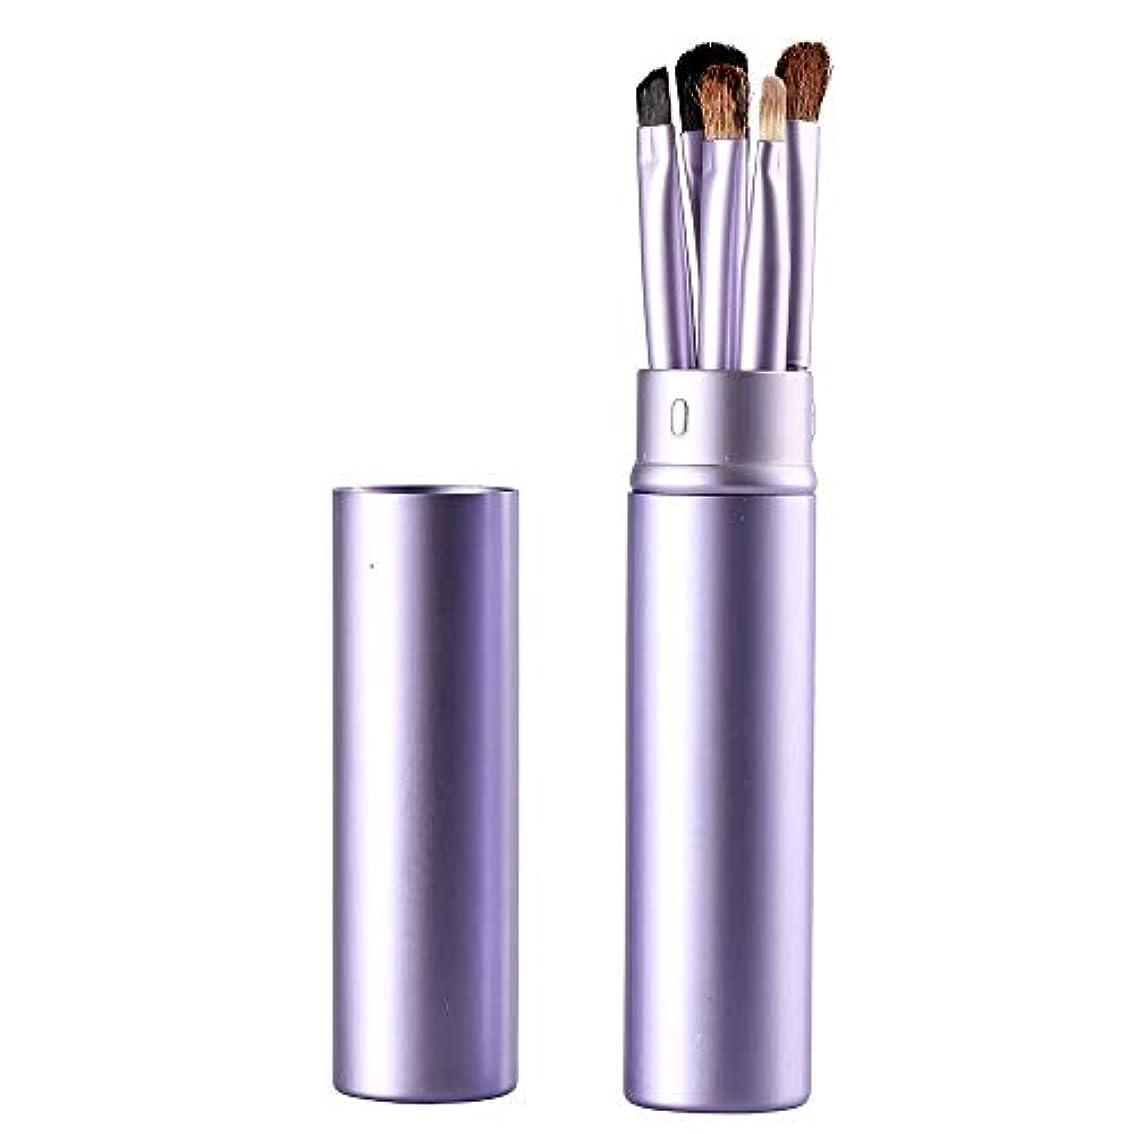 疑問に思う作成するギャラリーMakeup brushes 紫色、アイメイクブラシセットブラシ5アイブラシメイクペン美容メイクツールで化粧チューブ保護 suits (Color : Purple)